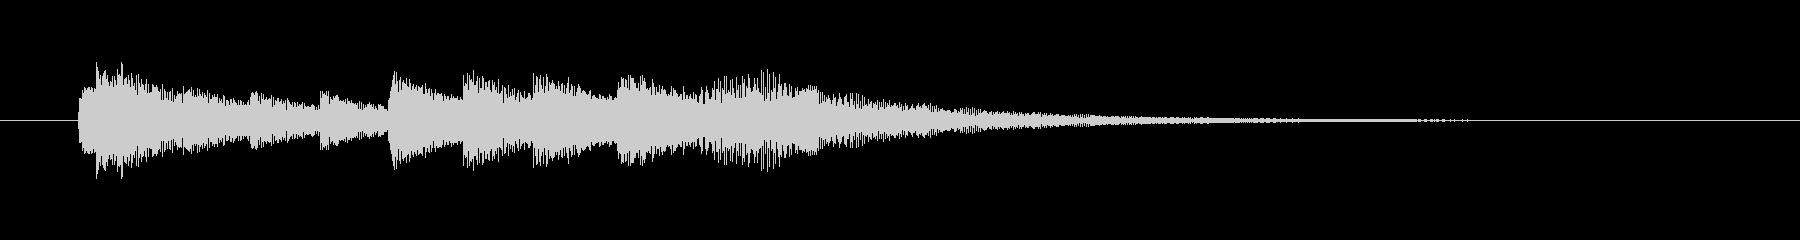 優しくかわいいオルゴールジングルの未再生の波形